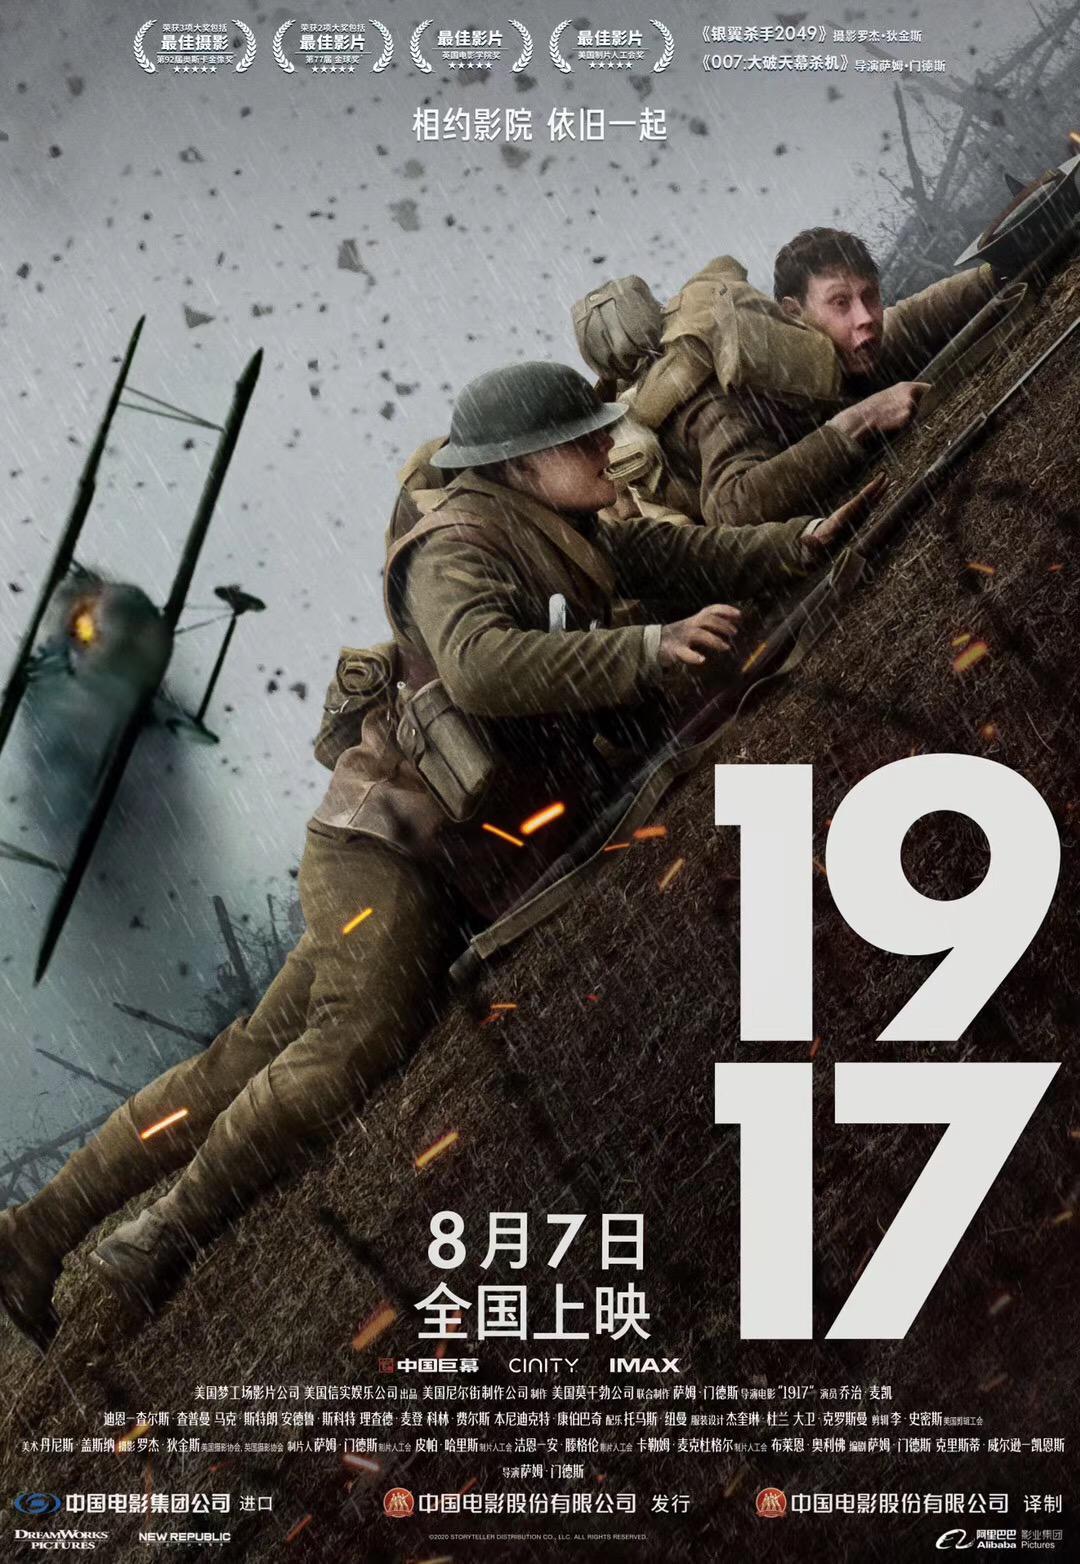 《1917》成复工后首周票房最高的新片